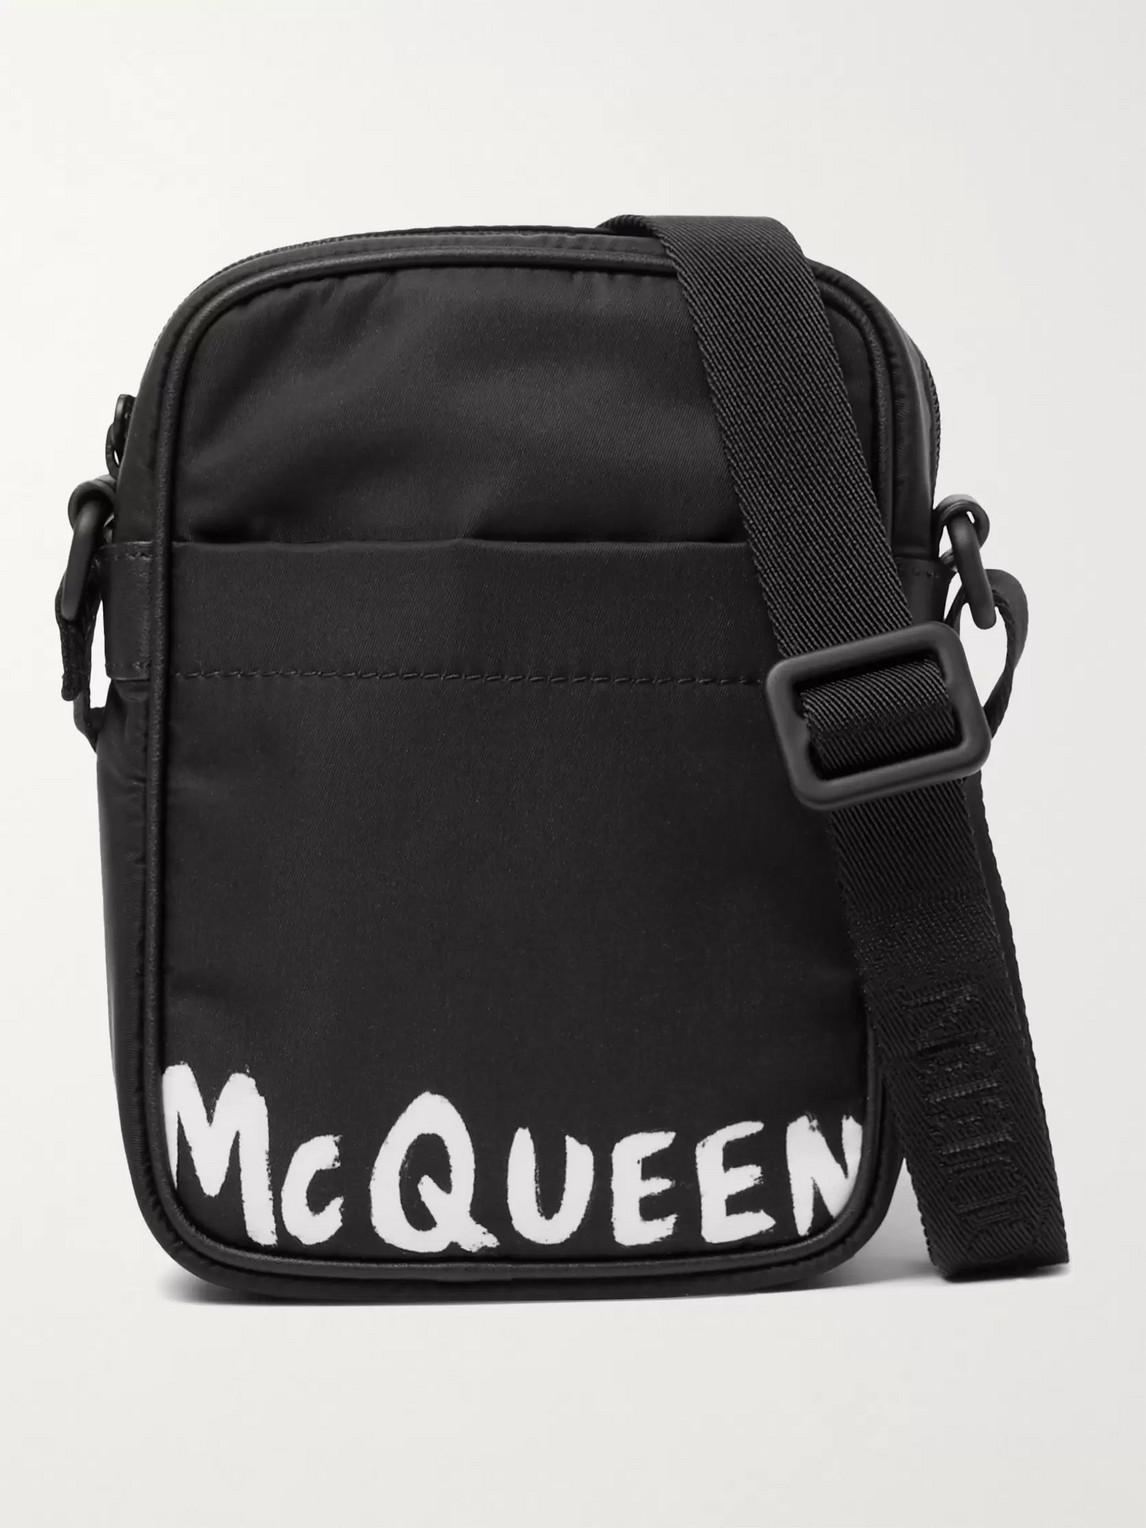 Alexander Mcqueen Logo-print Nylon Messenger Bag In Black